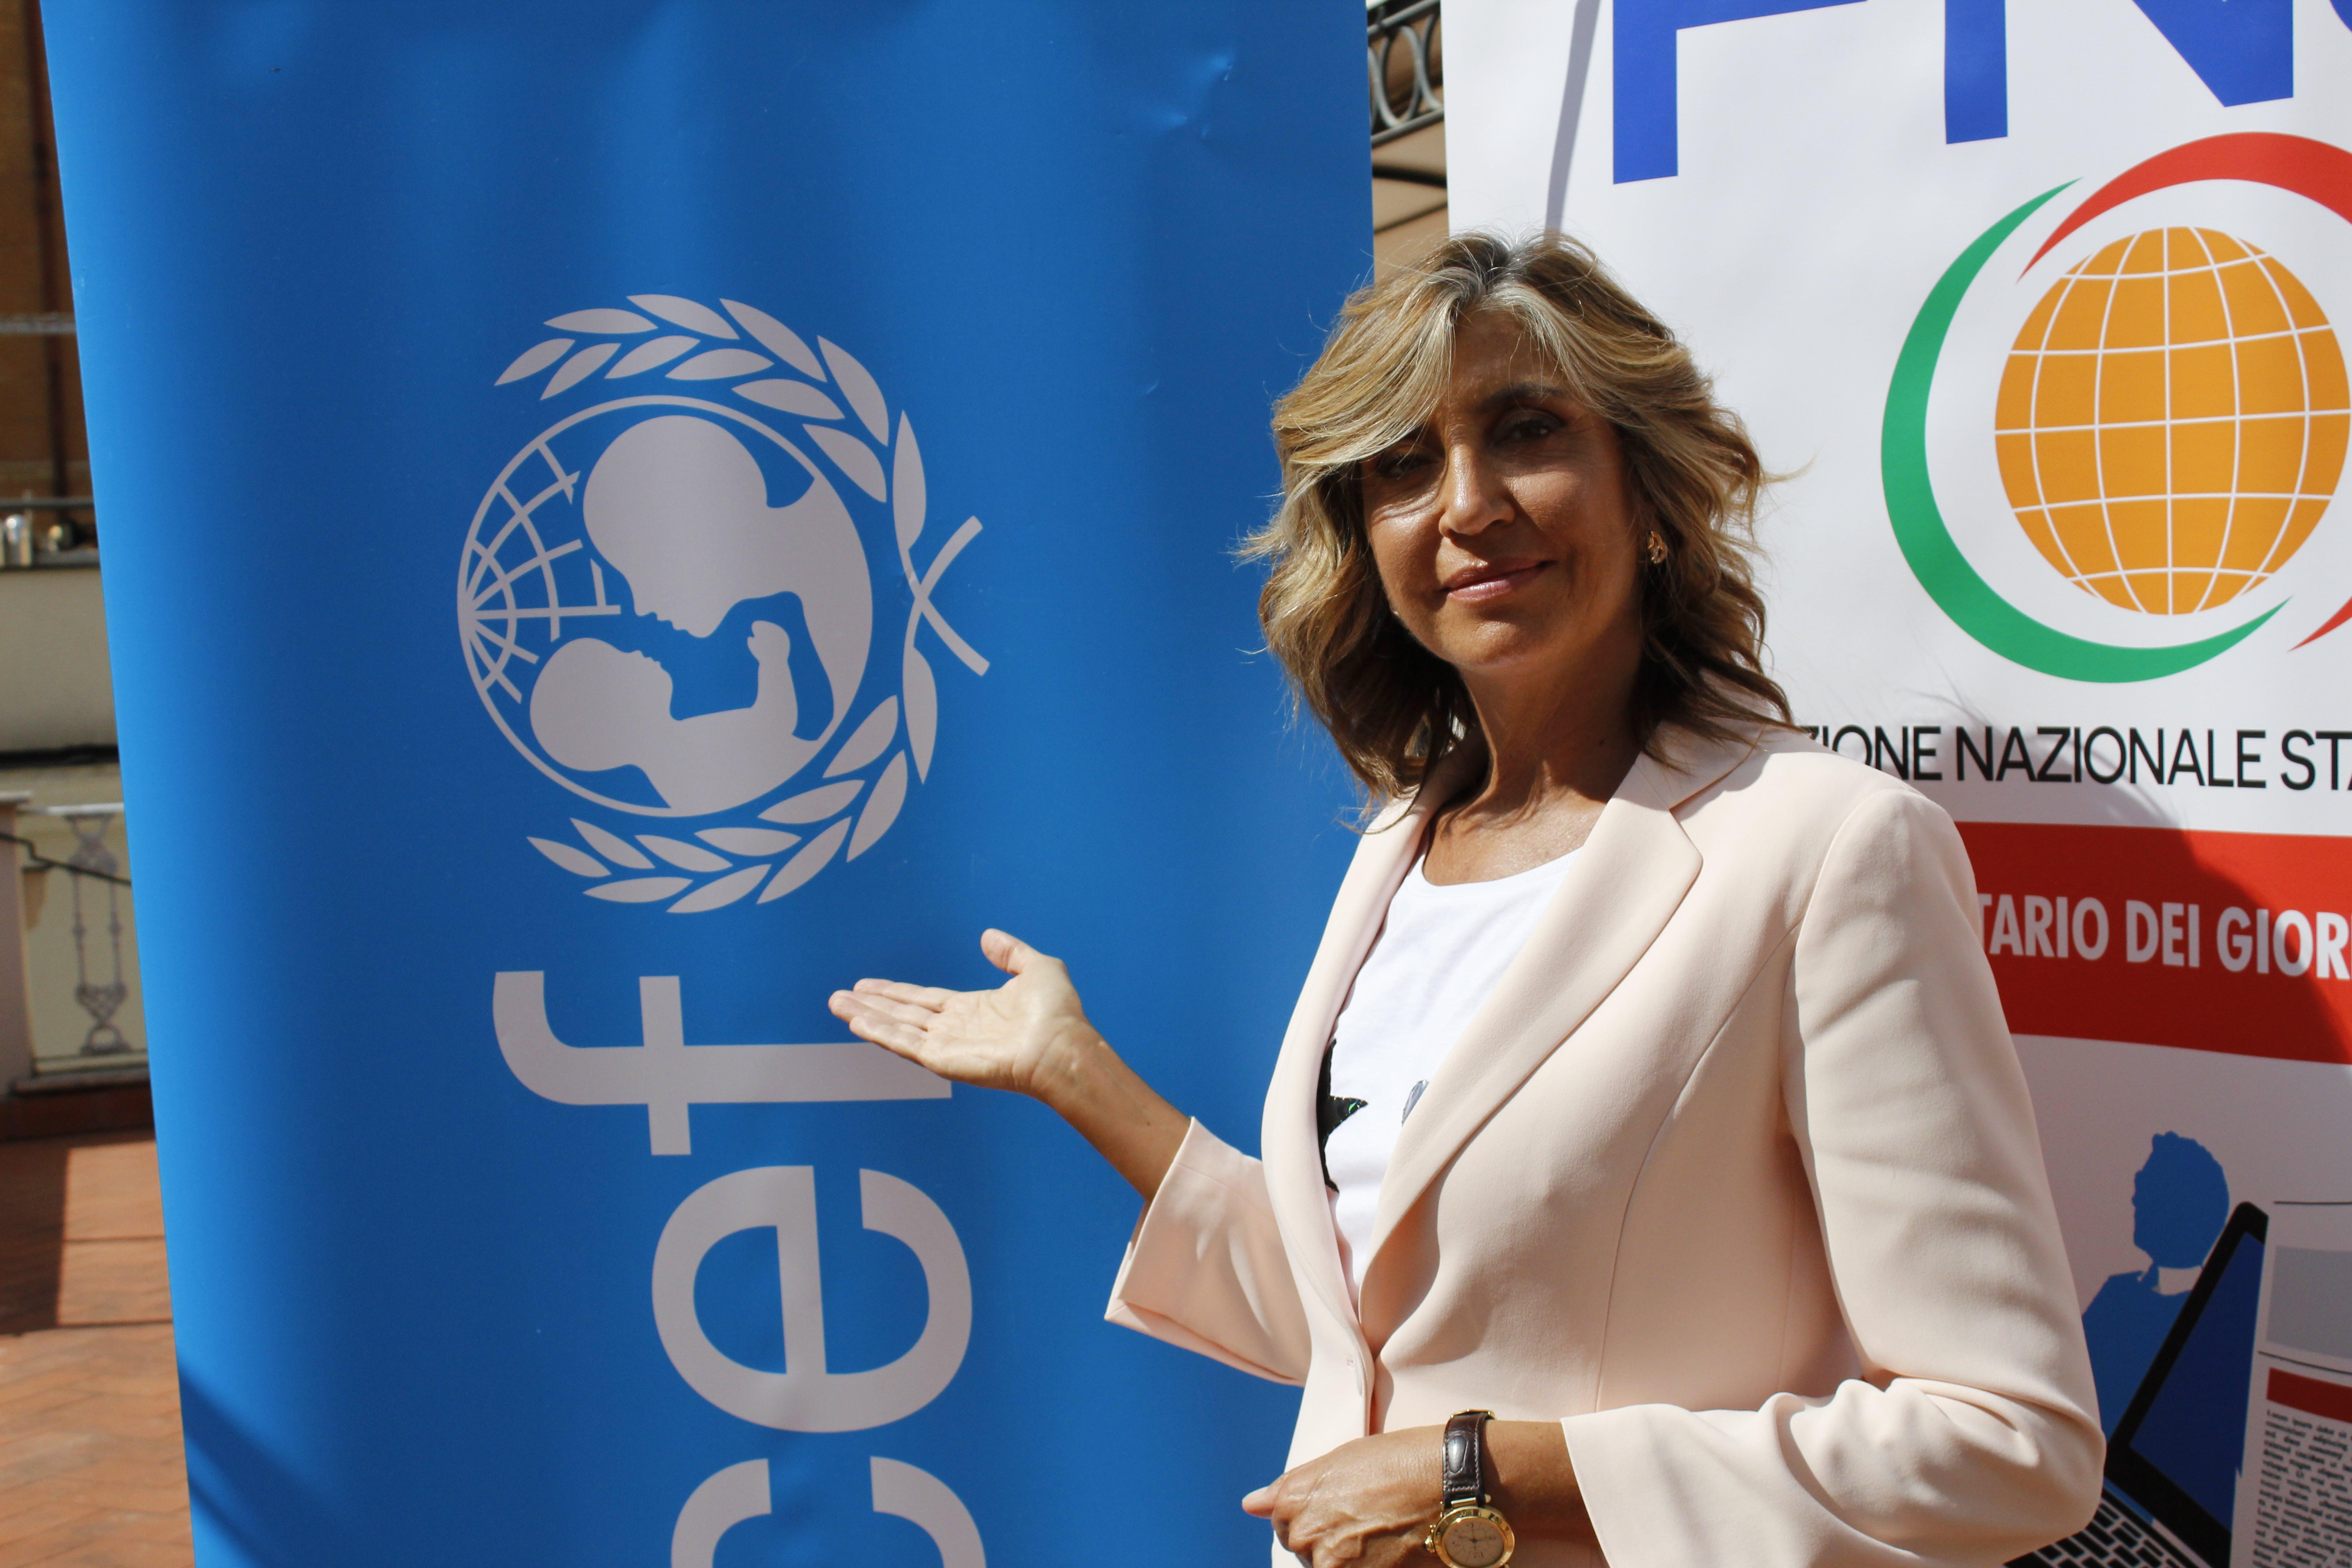 Myrta Merlino, Ambasciatrice di UNICEF Italia, prima dell'incontro con la Federazione Nazionale Stampa Italiana e UNICEF